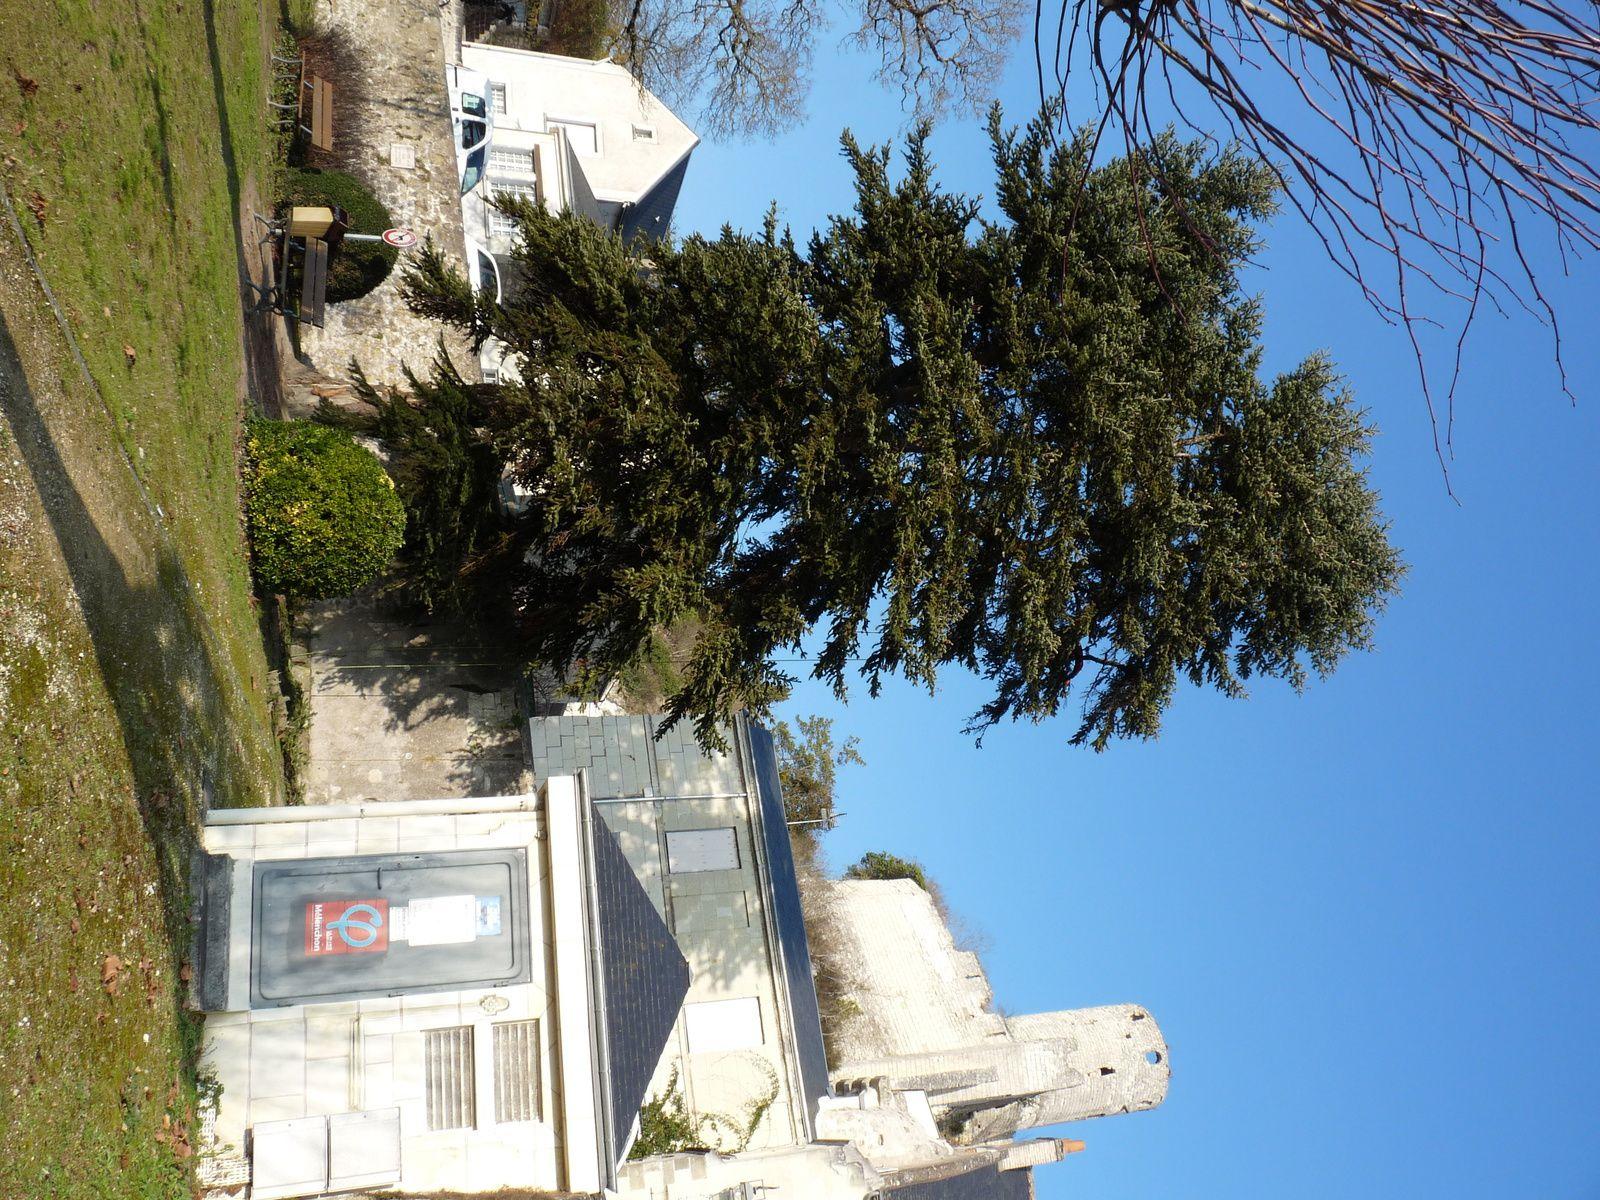 Taille d'allègement du houpier sur Sapin d'Espagne .